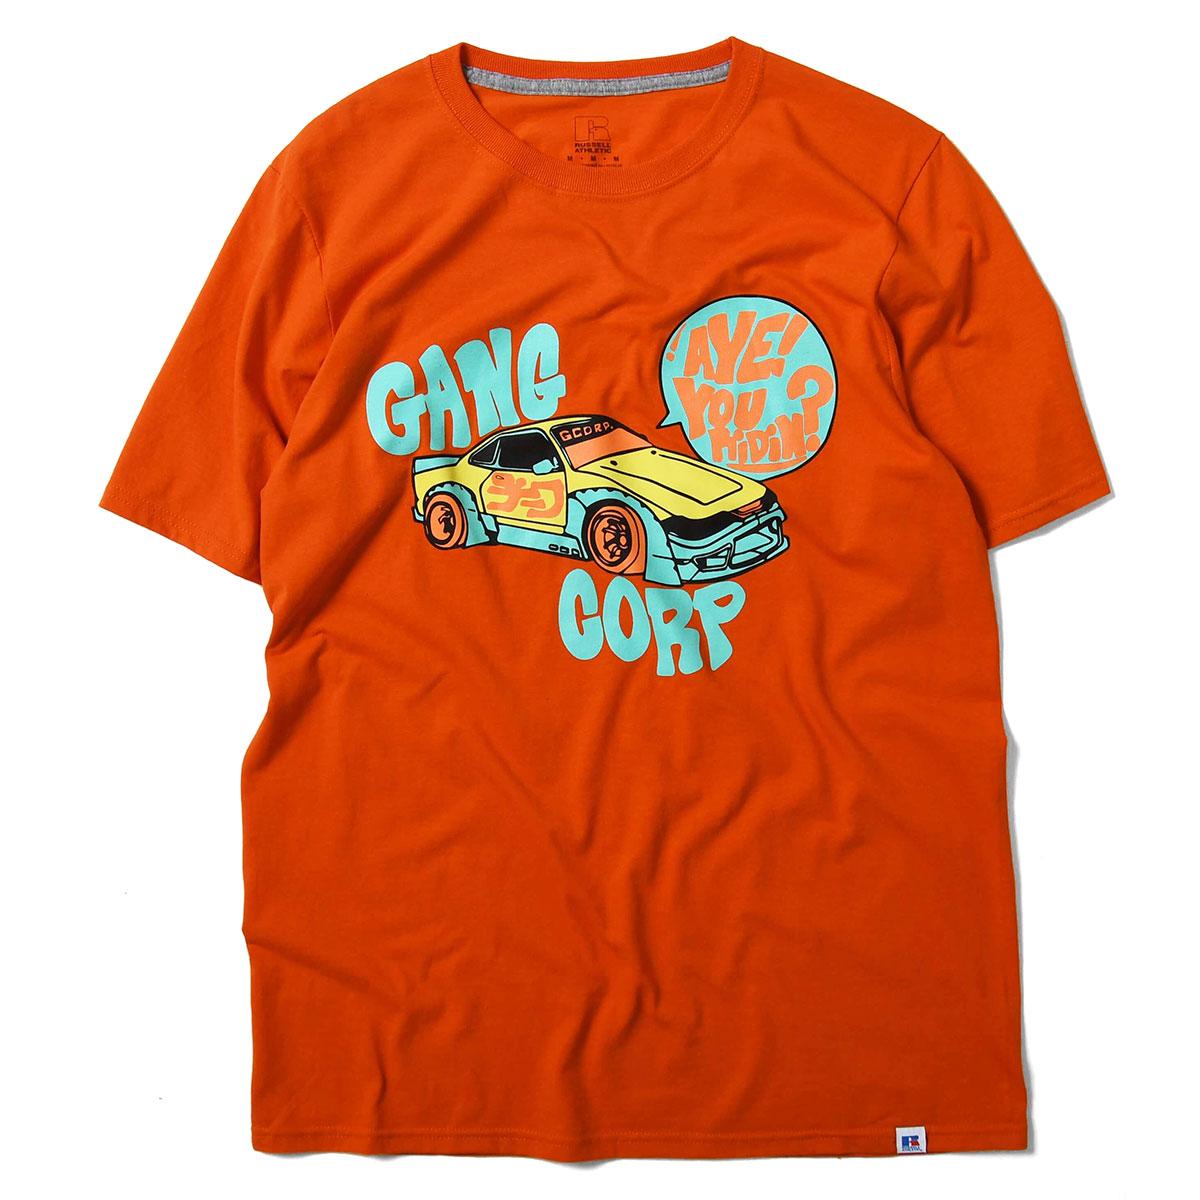 GANGCORP ギャングコーポ CORP MOBILE TEE 半袖 Tシャツ ORANGE オレンジ